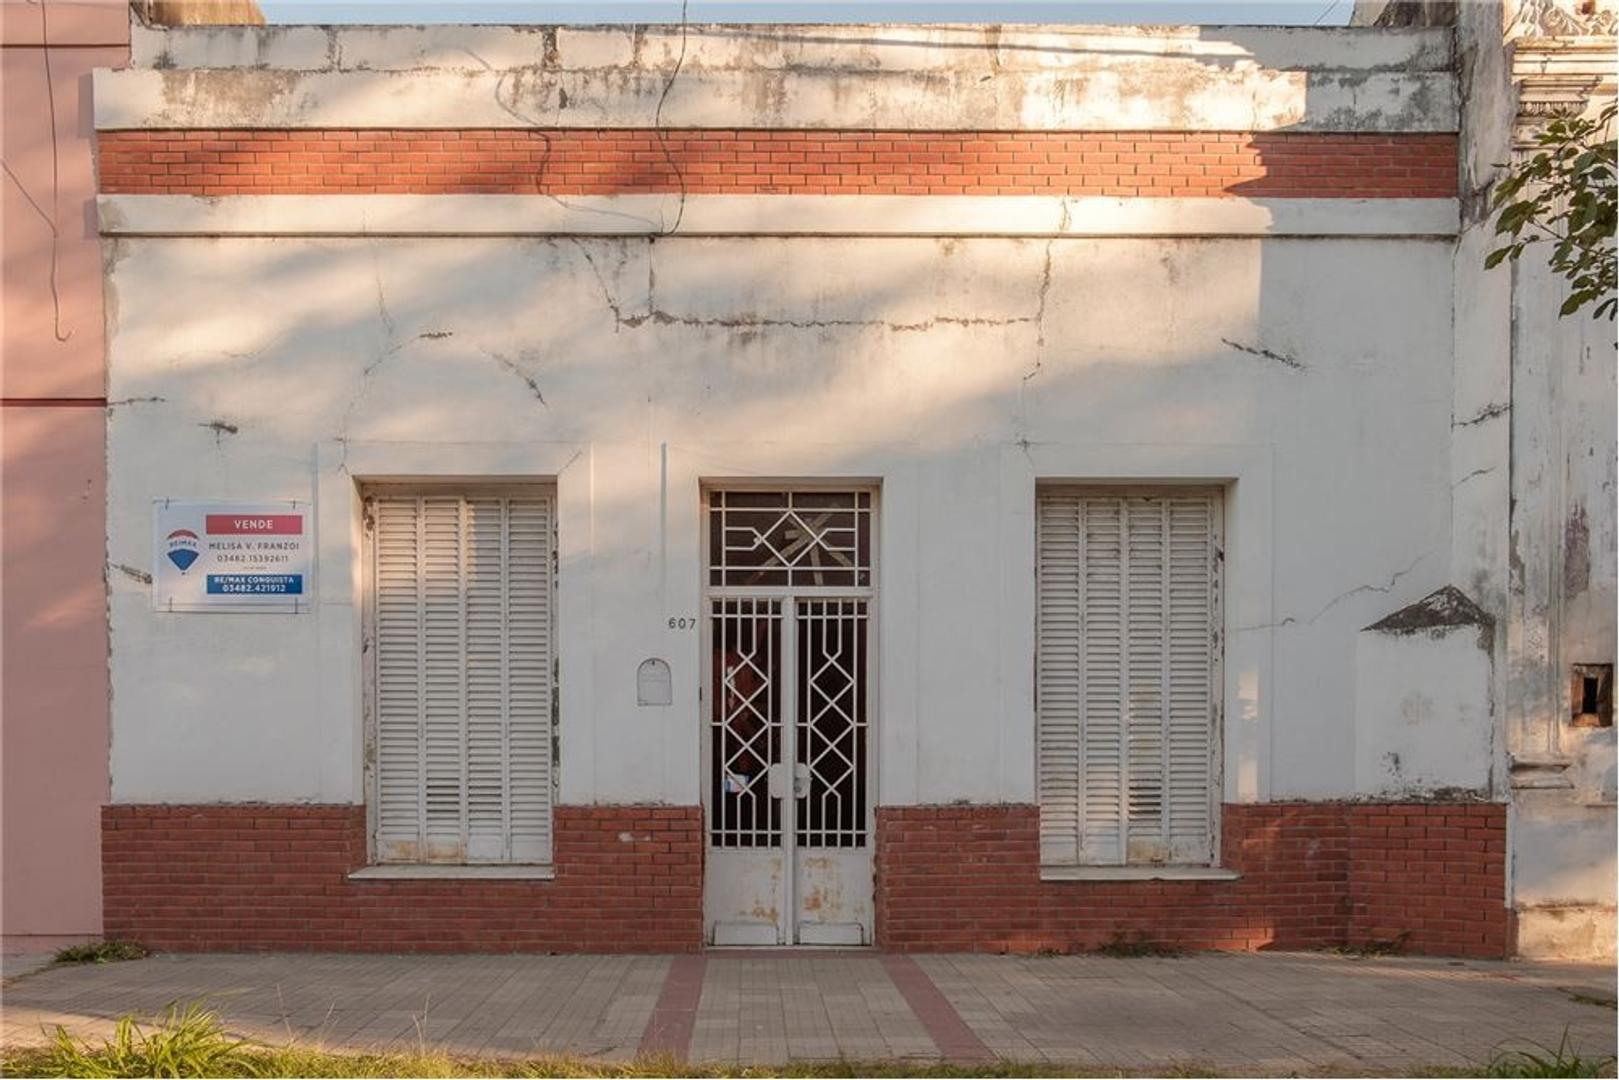 SE VENDE casa céntrica en la ciudad de reconquista